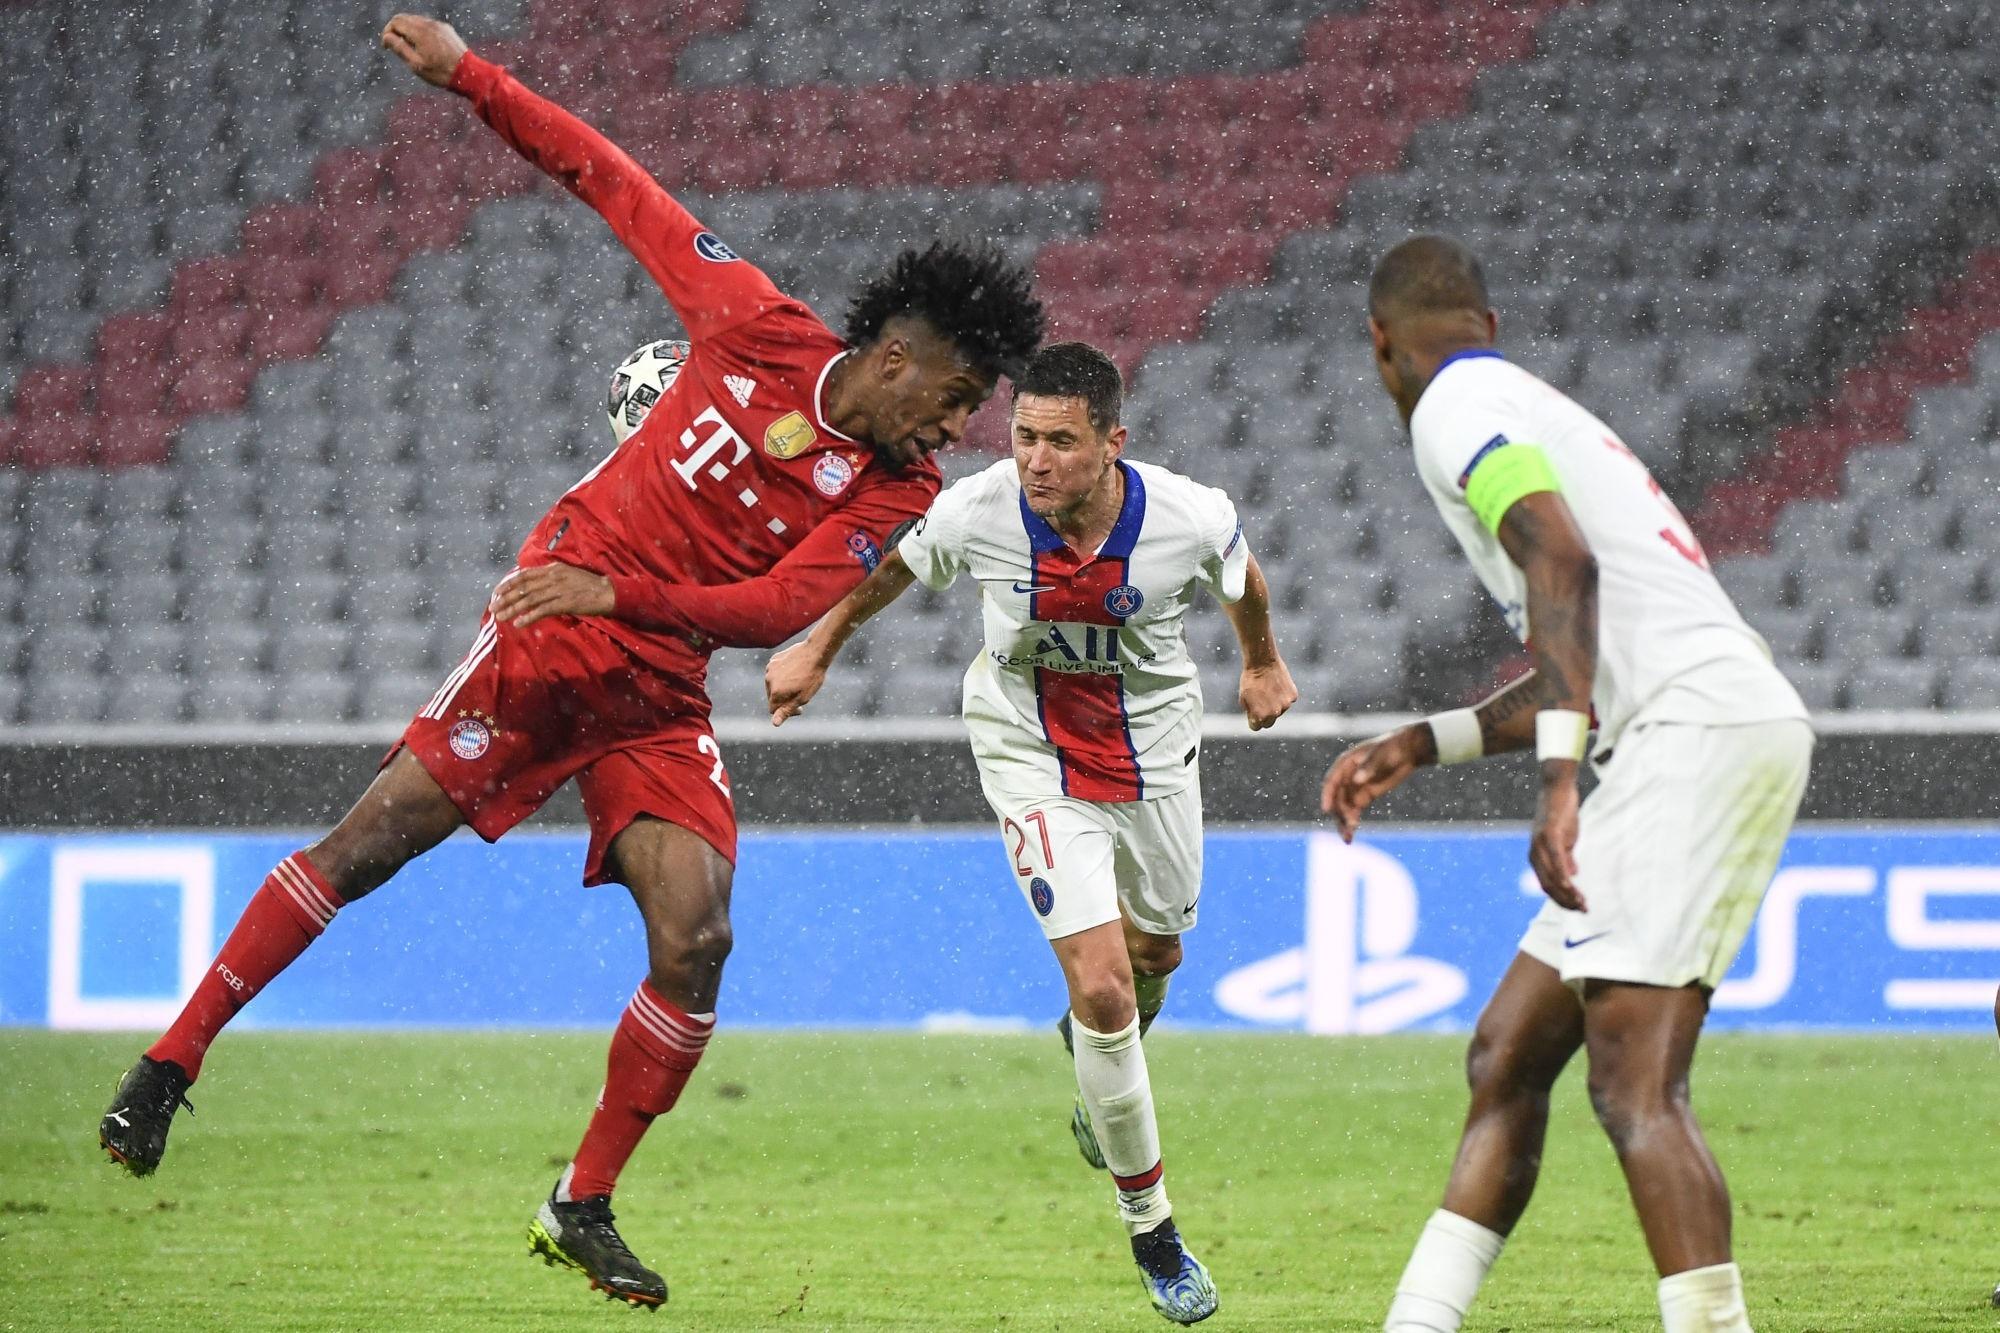 PSG/Bayern - Le point sur le groupe munichois : Coman va mieux, Goretzka vers un forfait